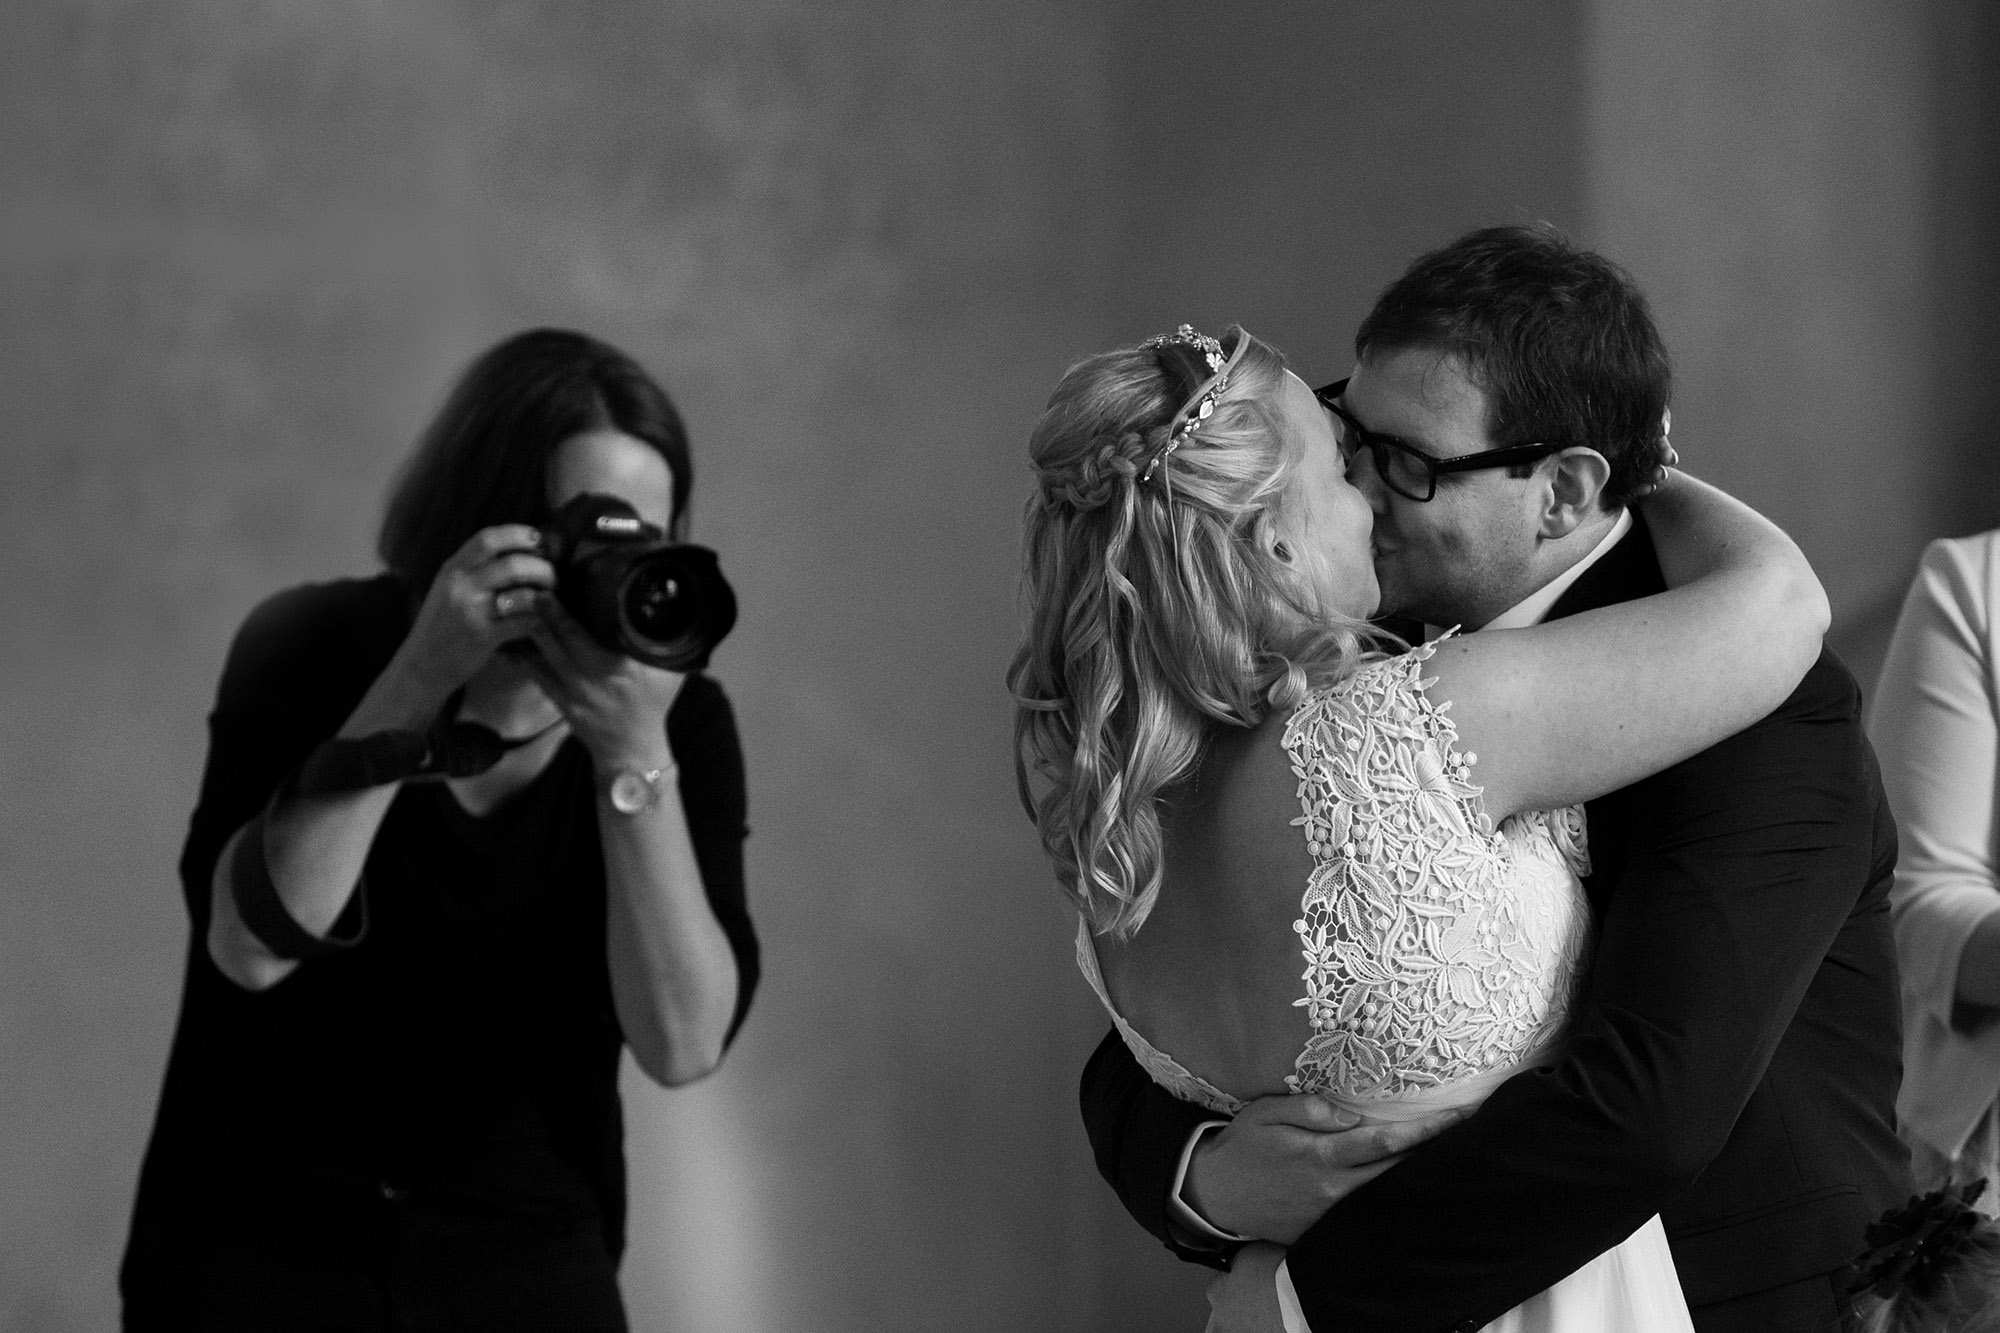 Hochzeitsfotograf Schweiz finden - Hochzeitsfotograf bei der Arbeit